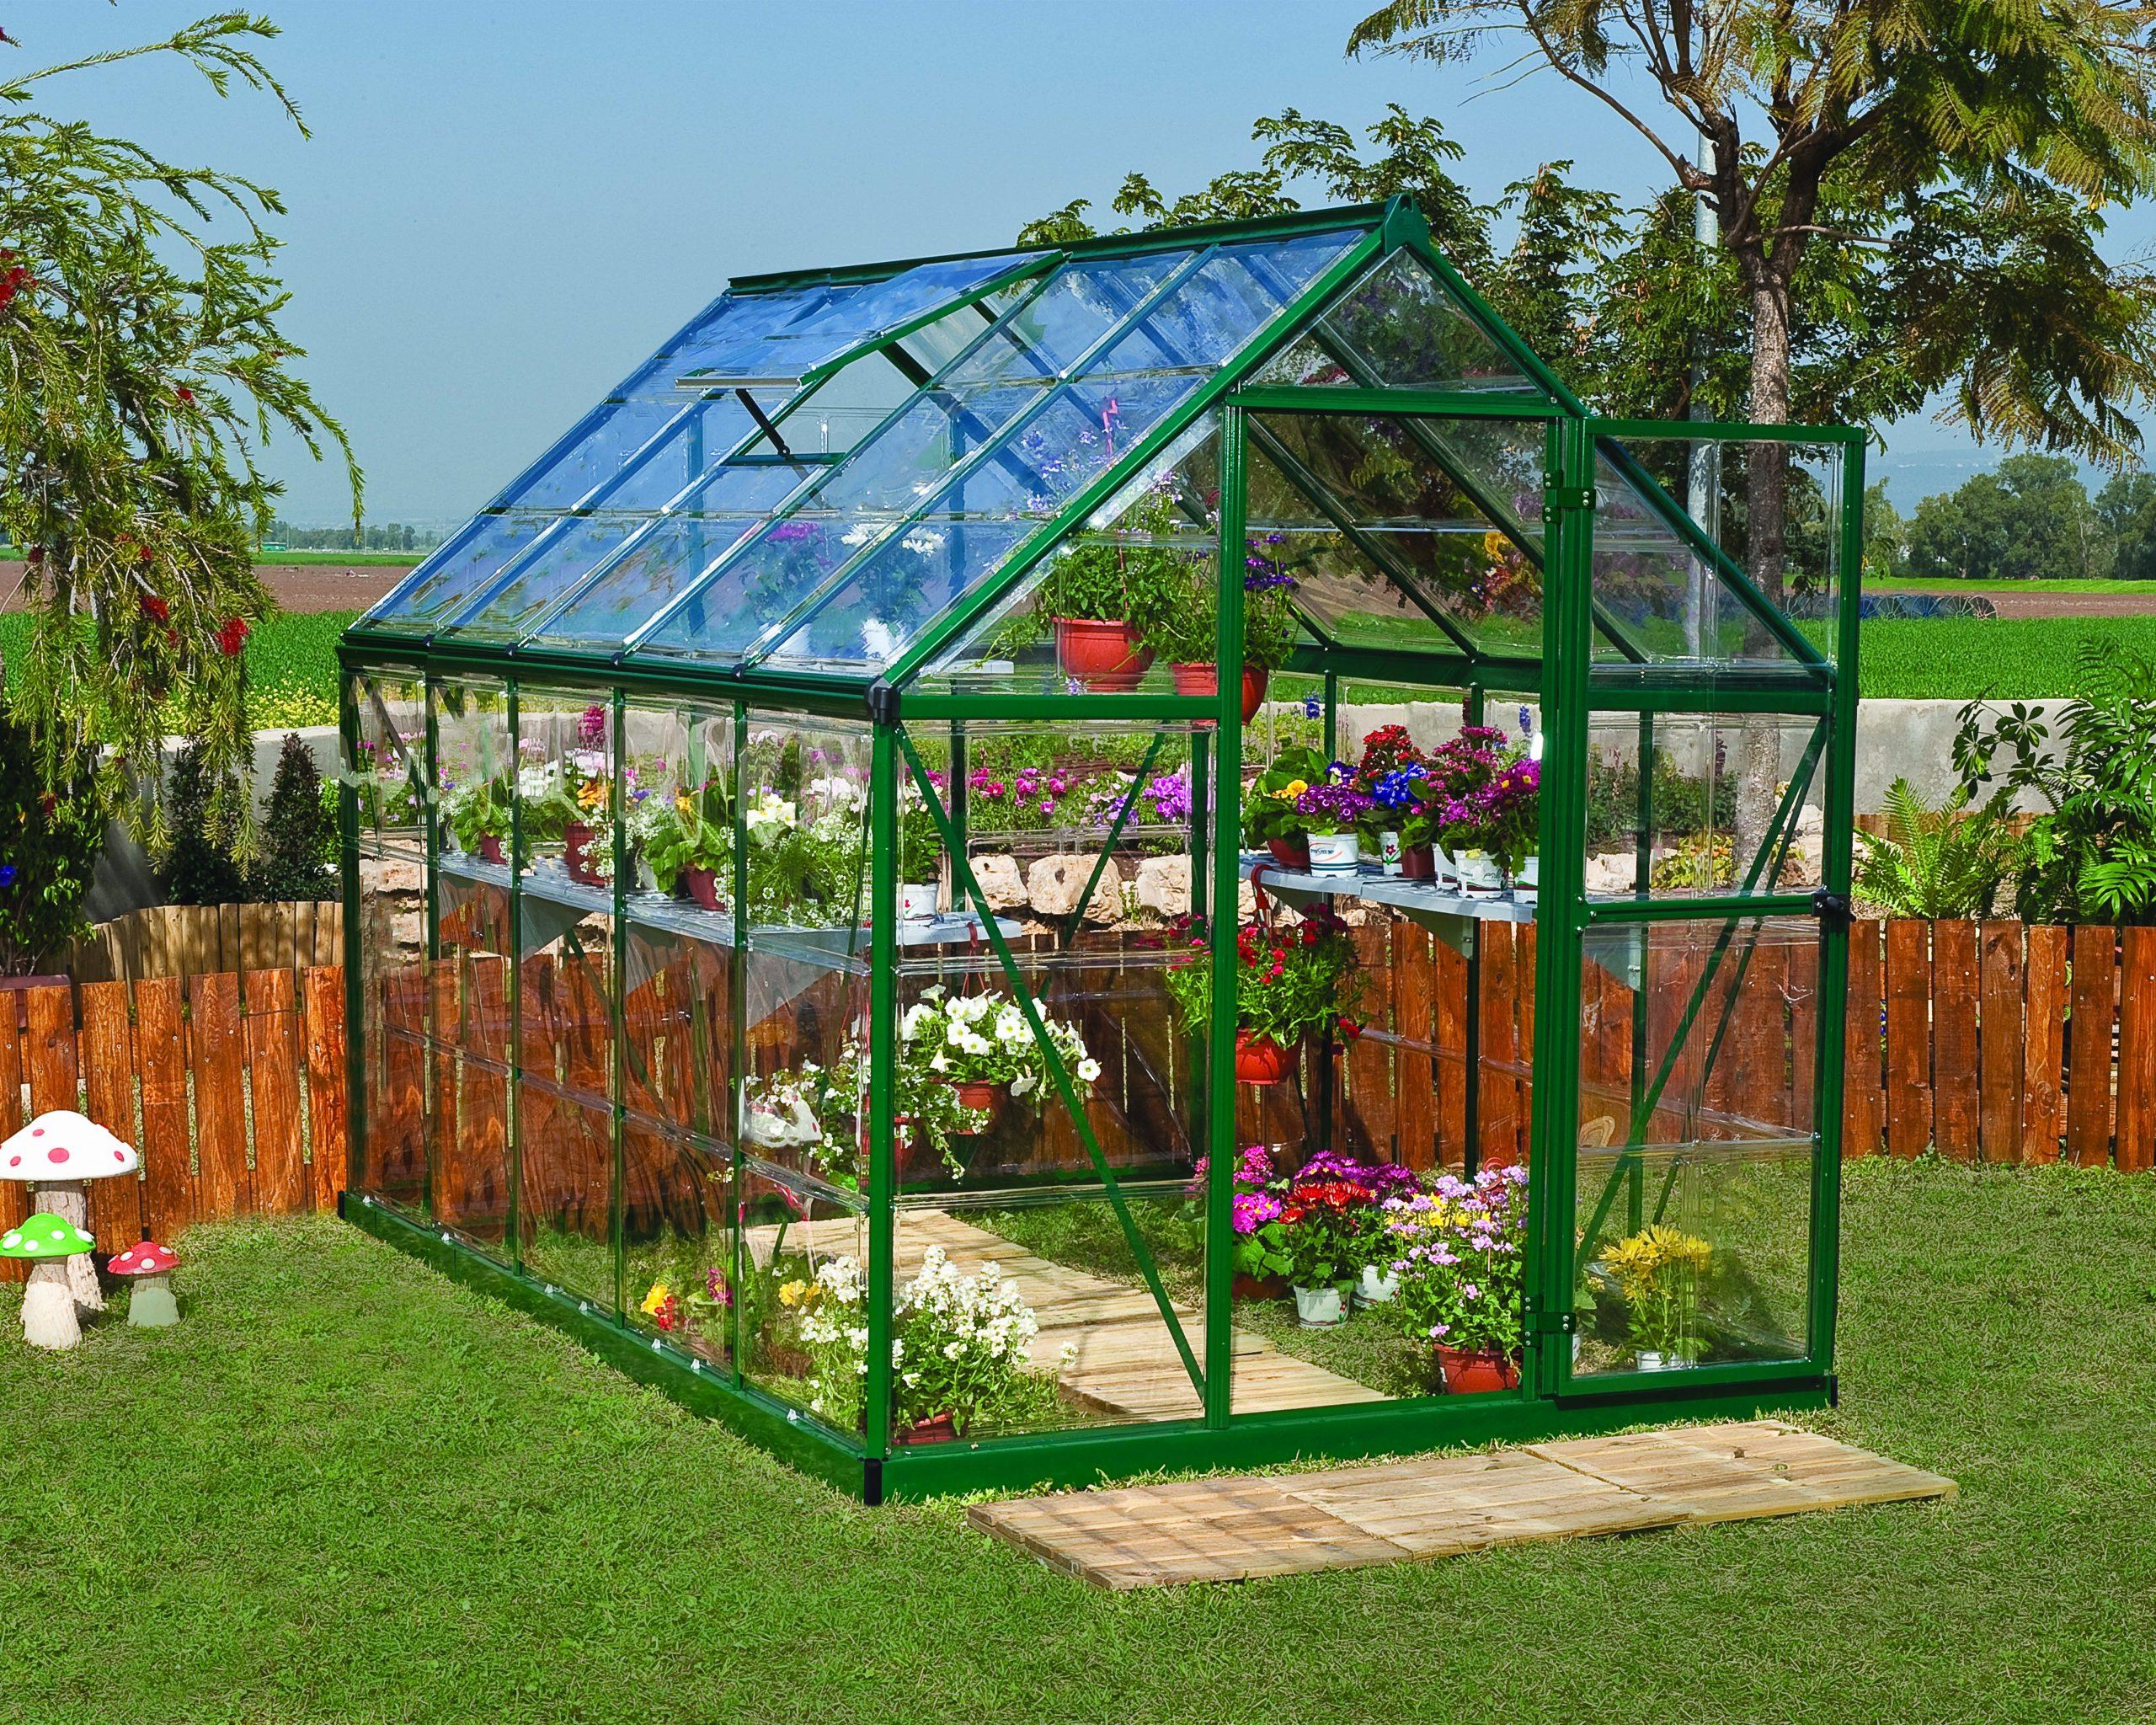 Serre De Jardin Verte Harmony 5.6 M², Aluminium Et Polycarbonate, Palram intérieur Serre De Jardin Leroy Merlin